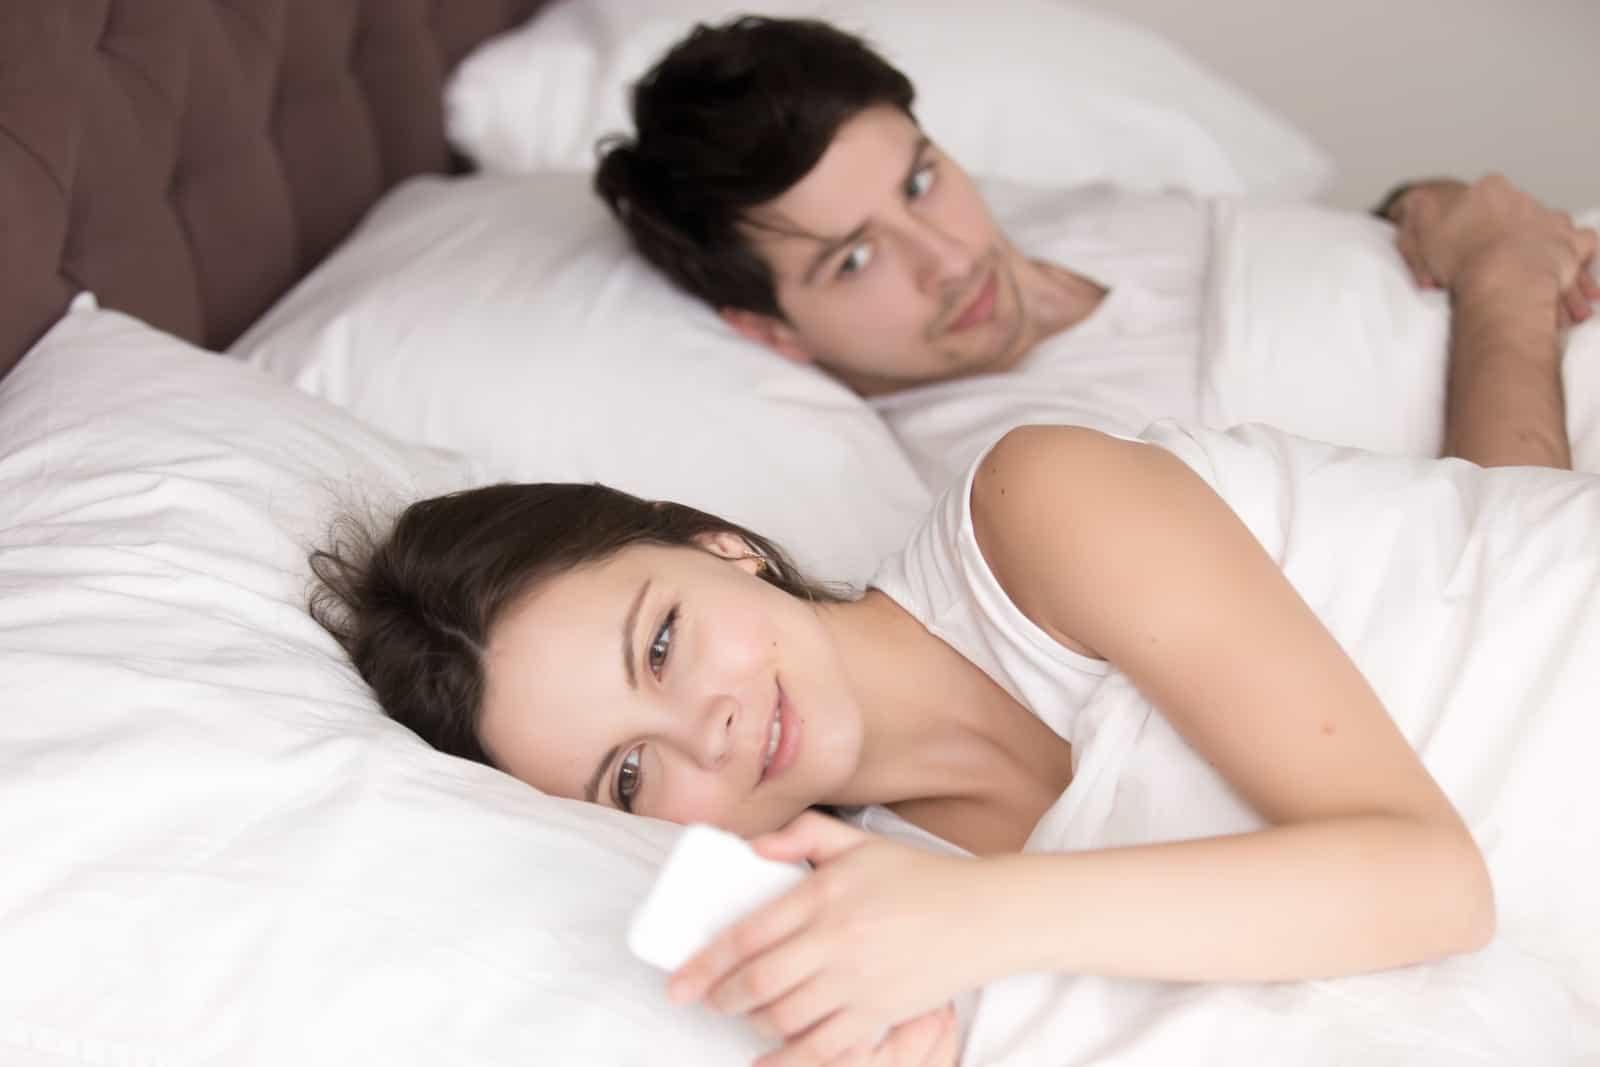 Mädchen, das Nachrichten auf Handy schreibt, während mit Mann im Bett liegend